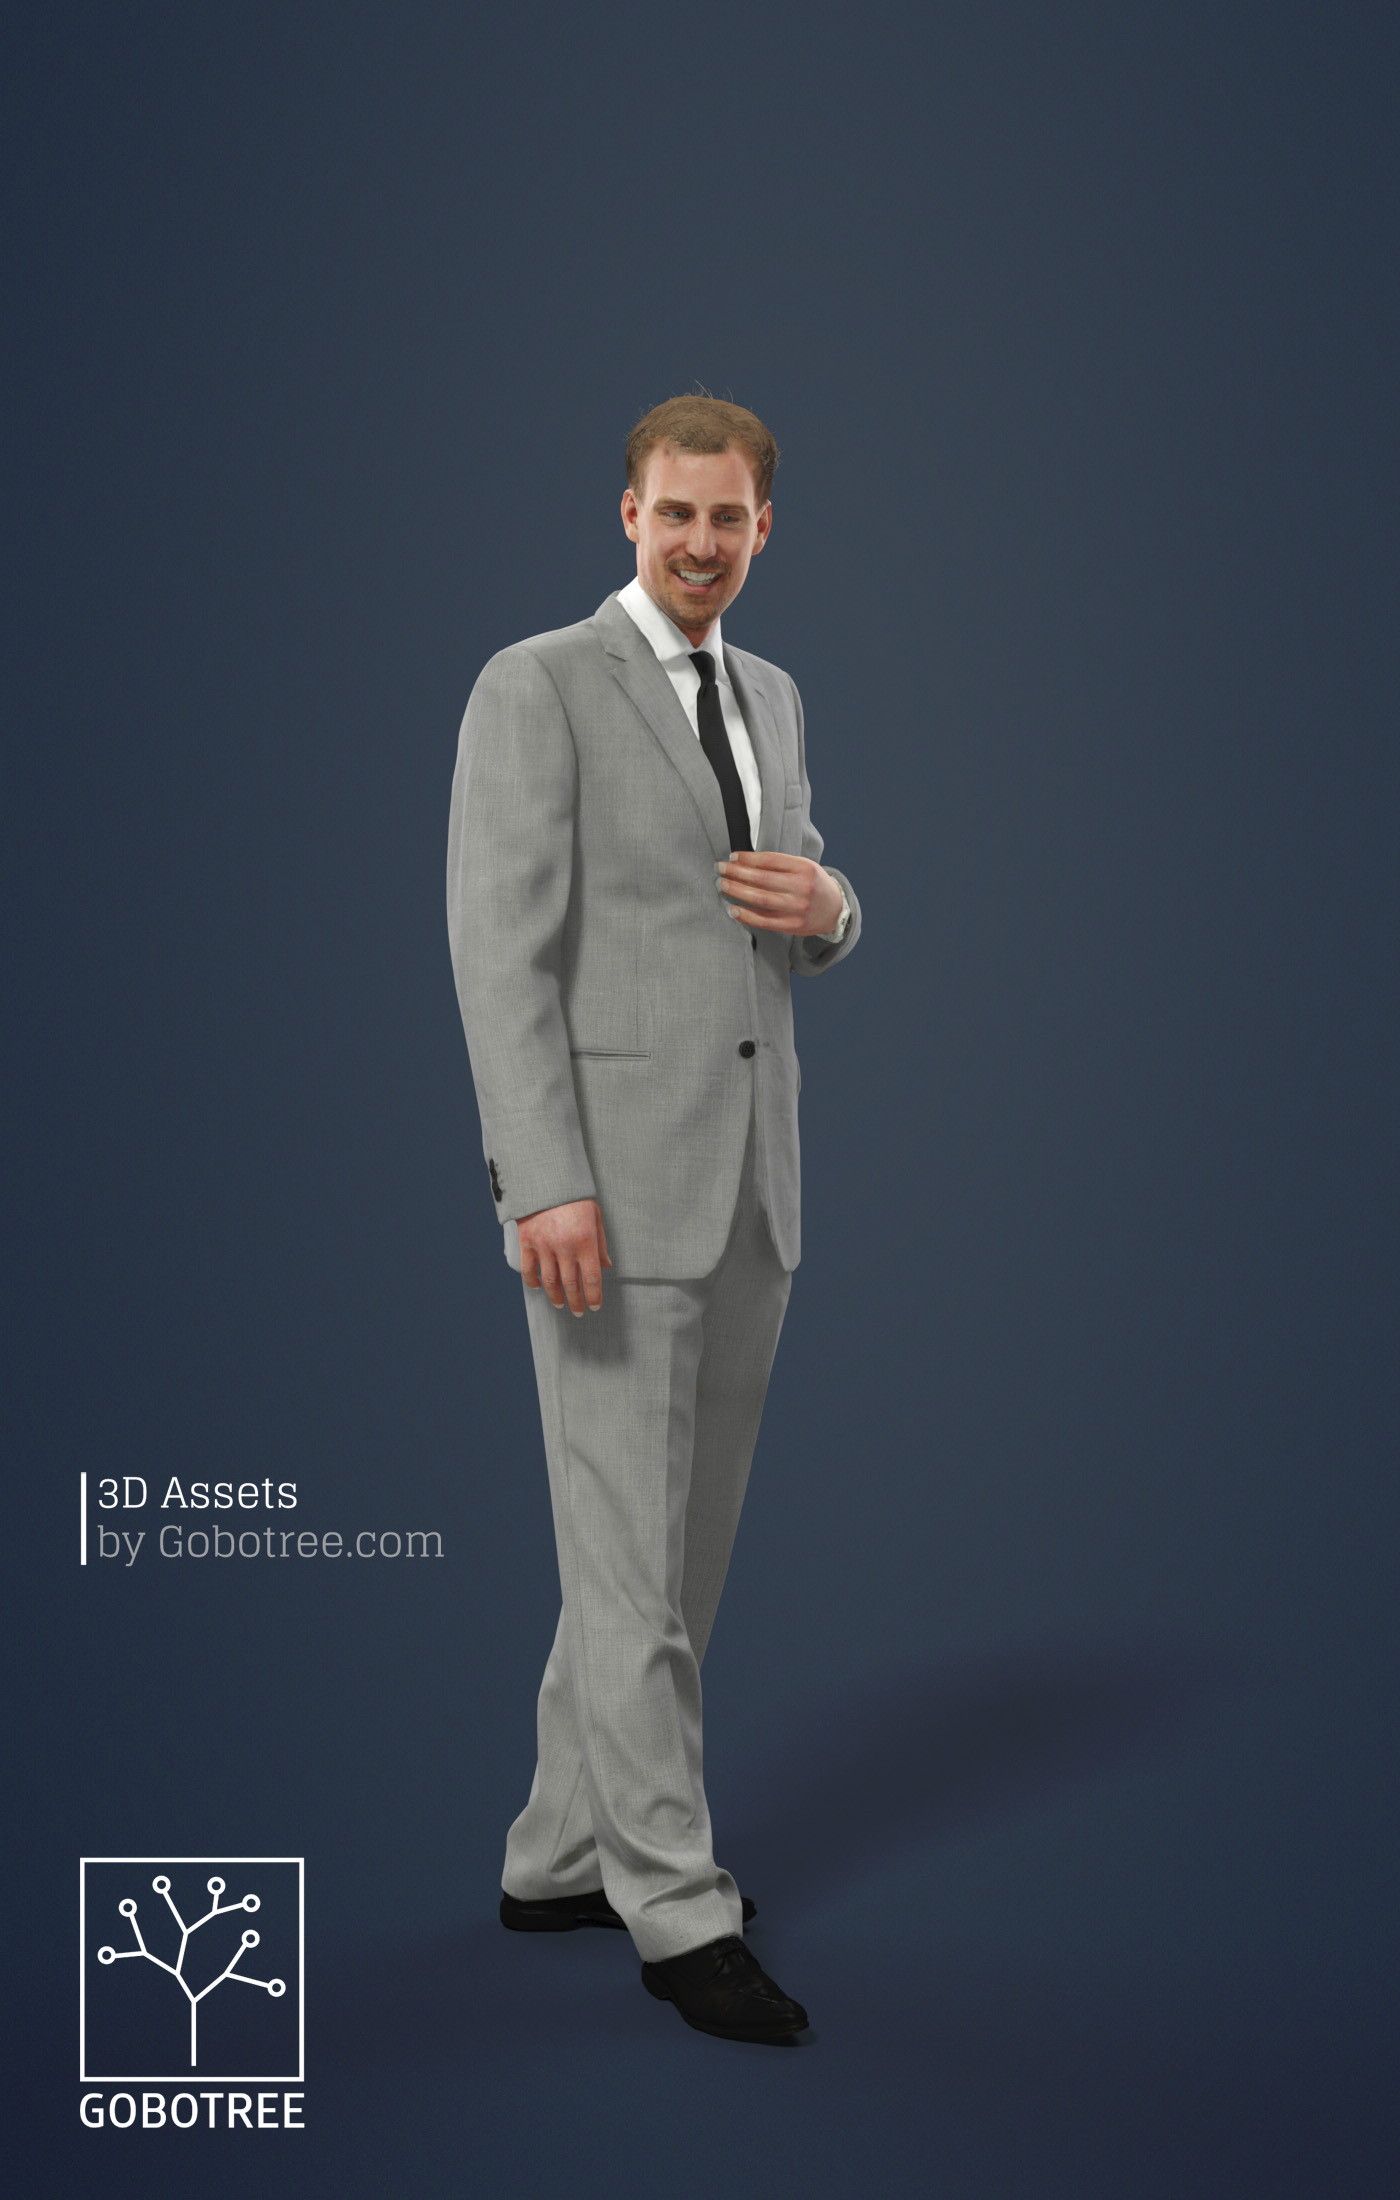 3DSKY FREE - HUMAN 3D